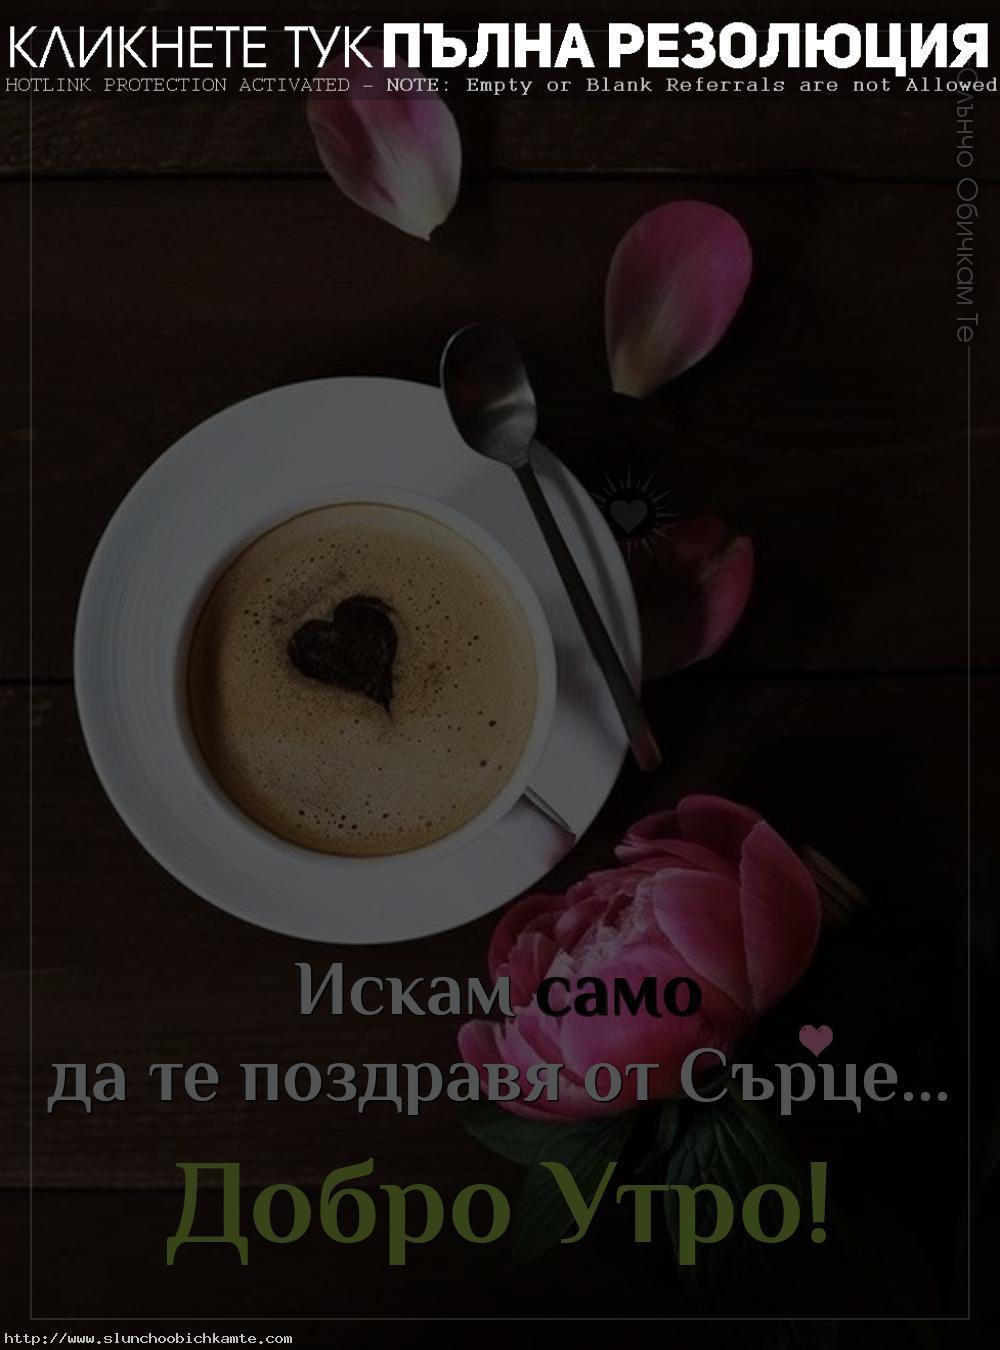 Едно добро утро от сърце, картички за добро утро, добро утро с кафе и цветя, пожелания за добро утро, поздрав от сърце